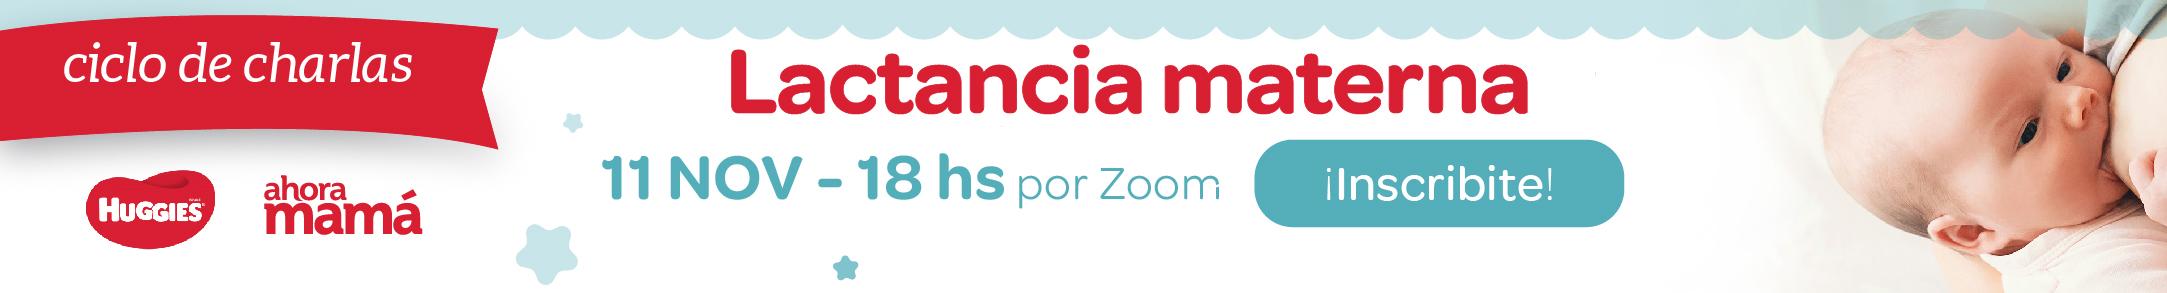 Banner Horizontal Ciclo de charlas